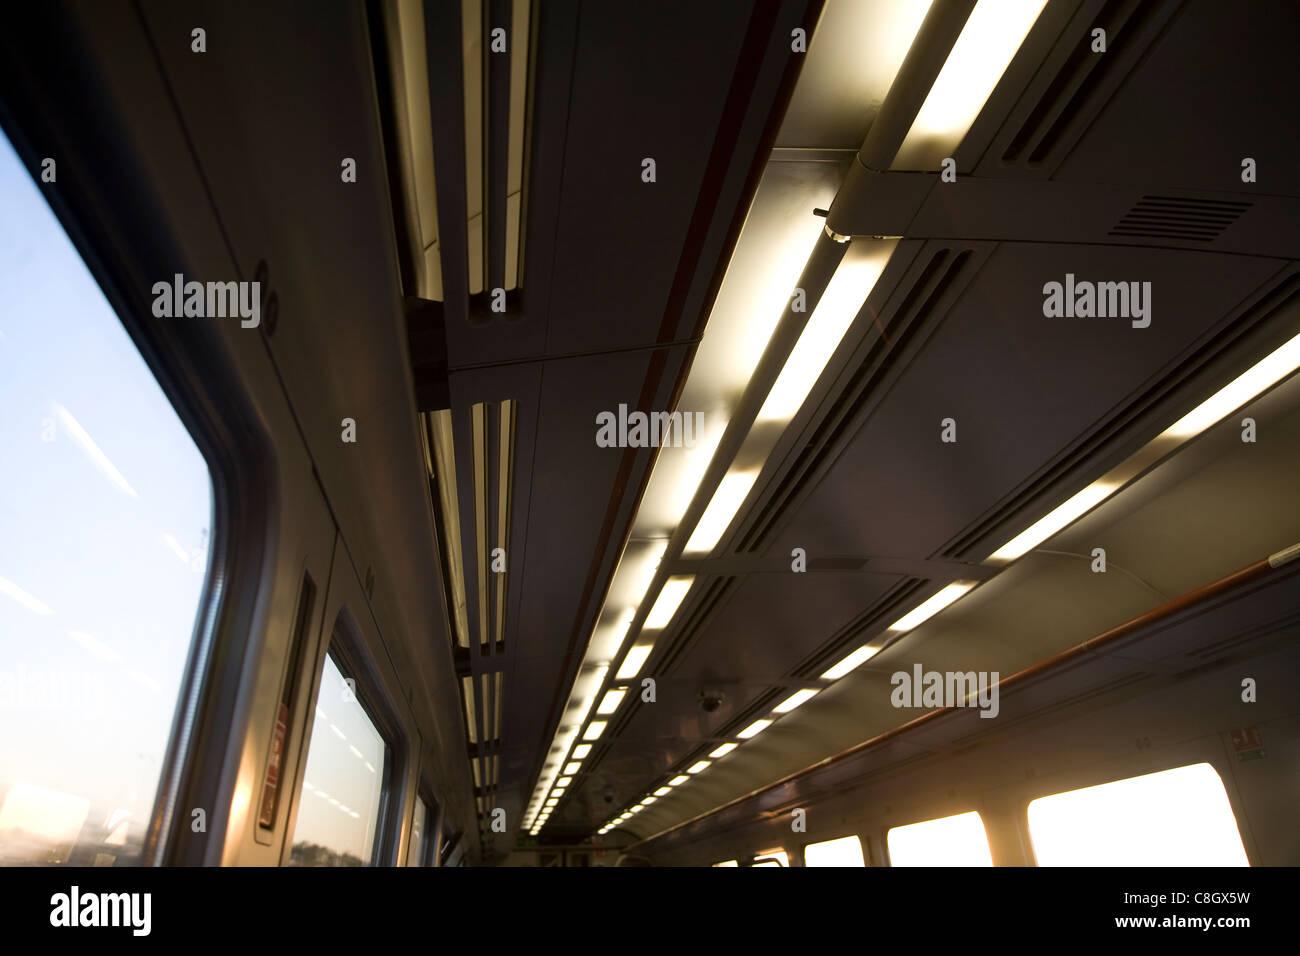 Lichter im Zug Schlittenbewegung Bewegung einer Reise Stockbild